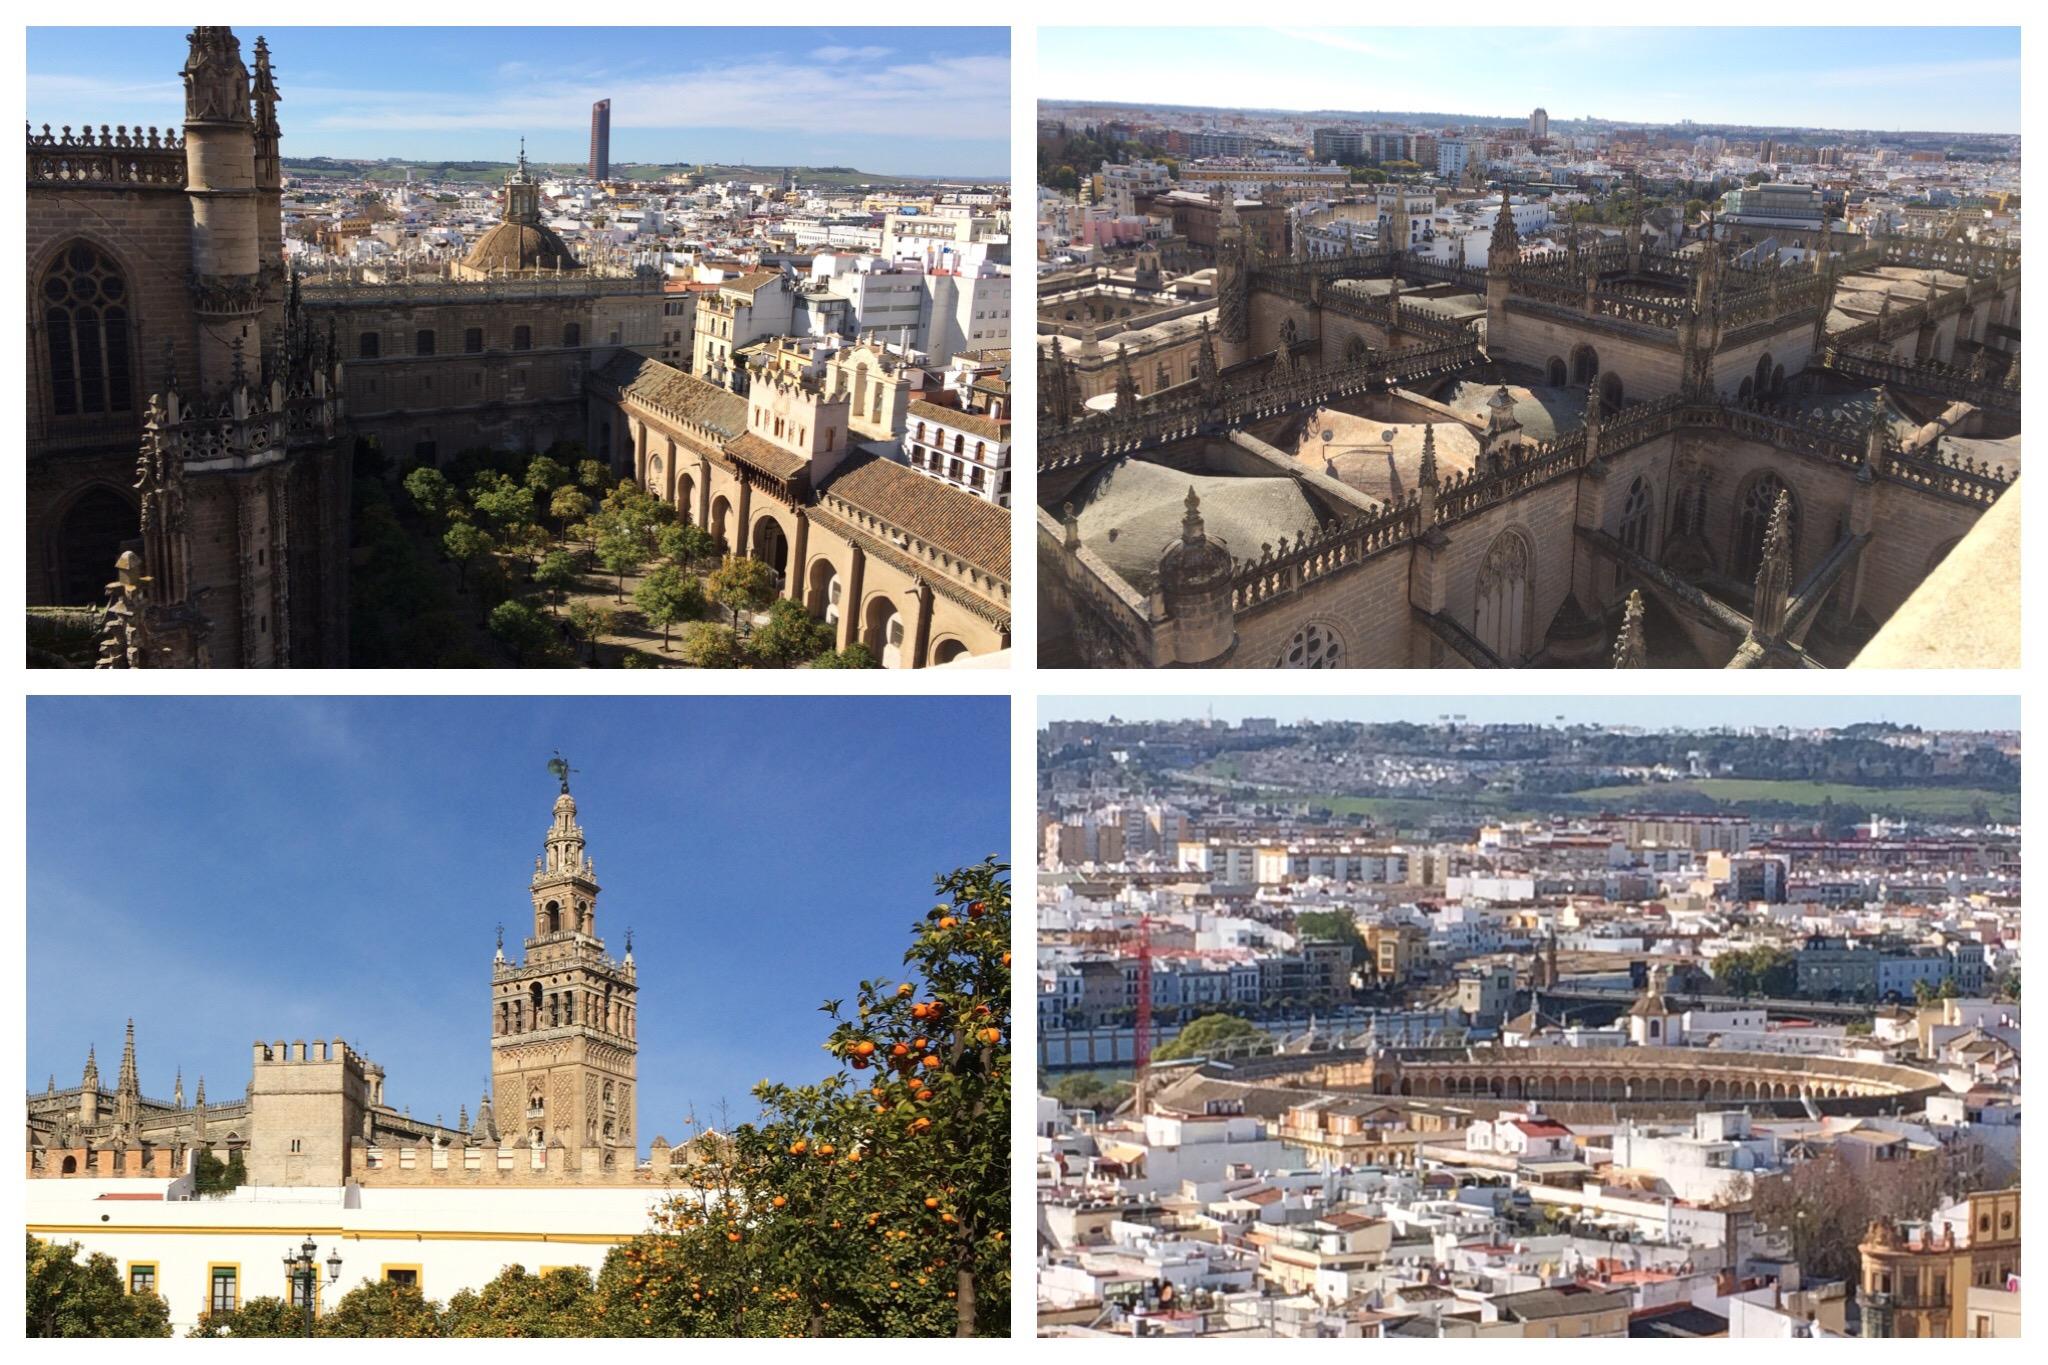 Seville - Giralda